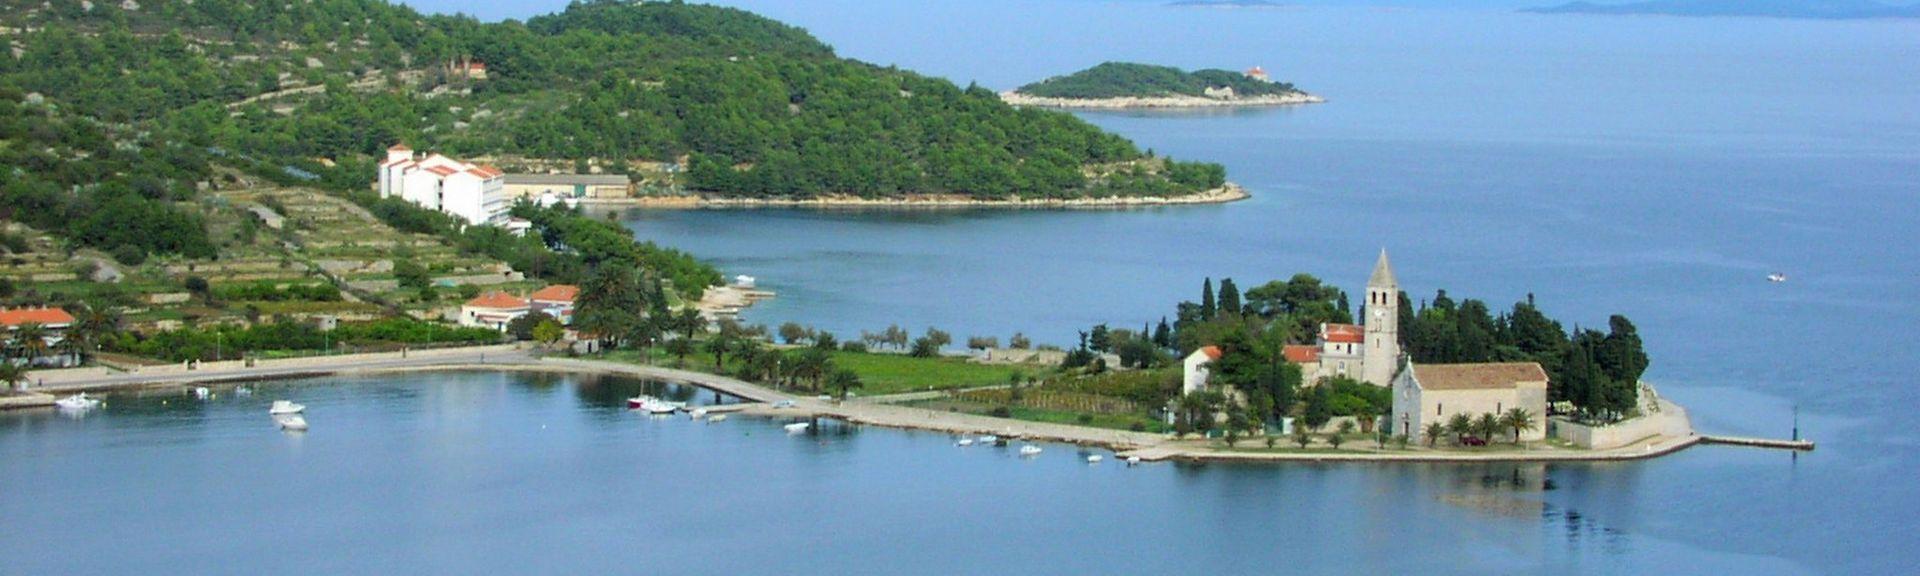 Vis Island, Split-Dalmacia, Croacia